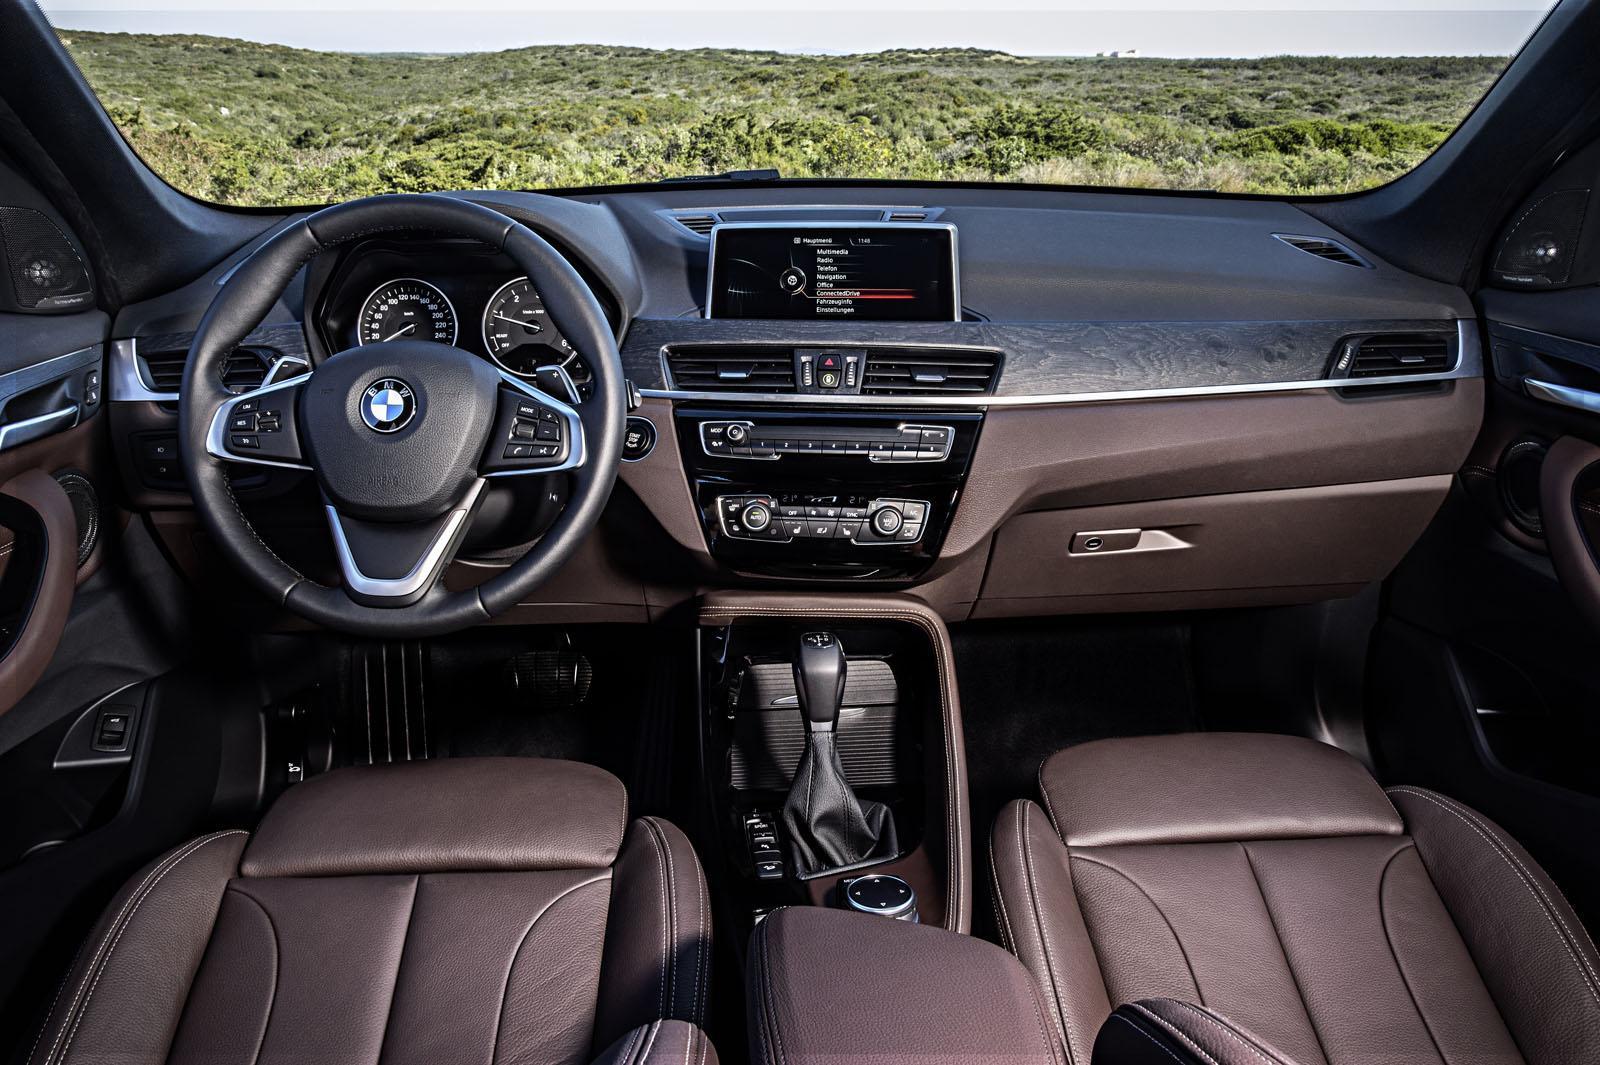 Yeni BMW X1 İç Mekan Tasarımı